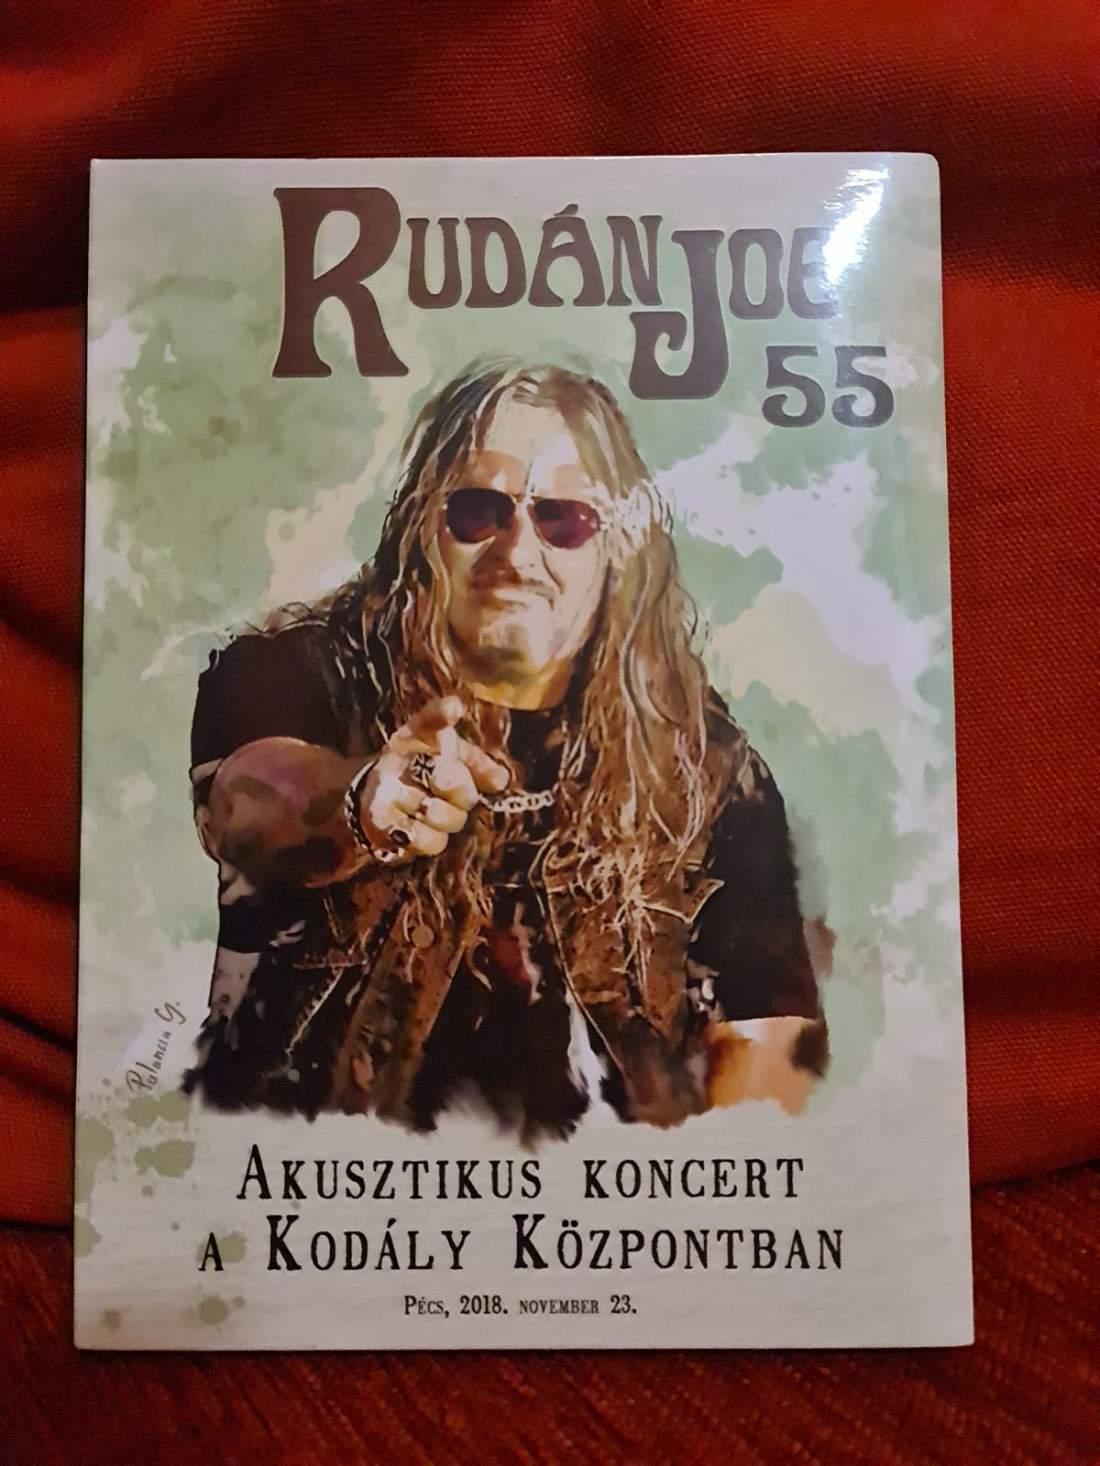 RUDÁN JOE - 55 - AKUSZTIKUS KONCERT A KODÁLY KÖZPONTBAN DVD